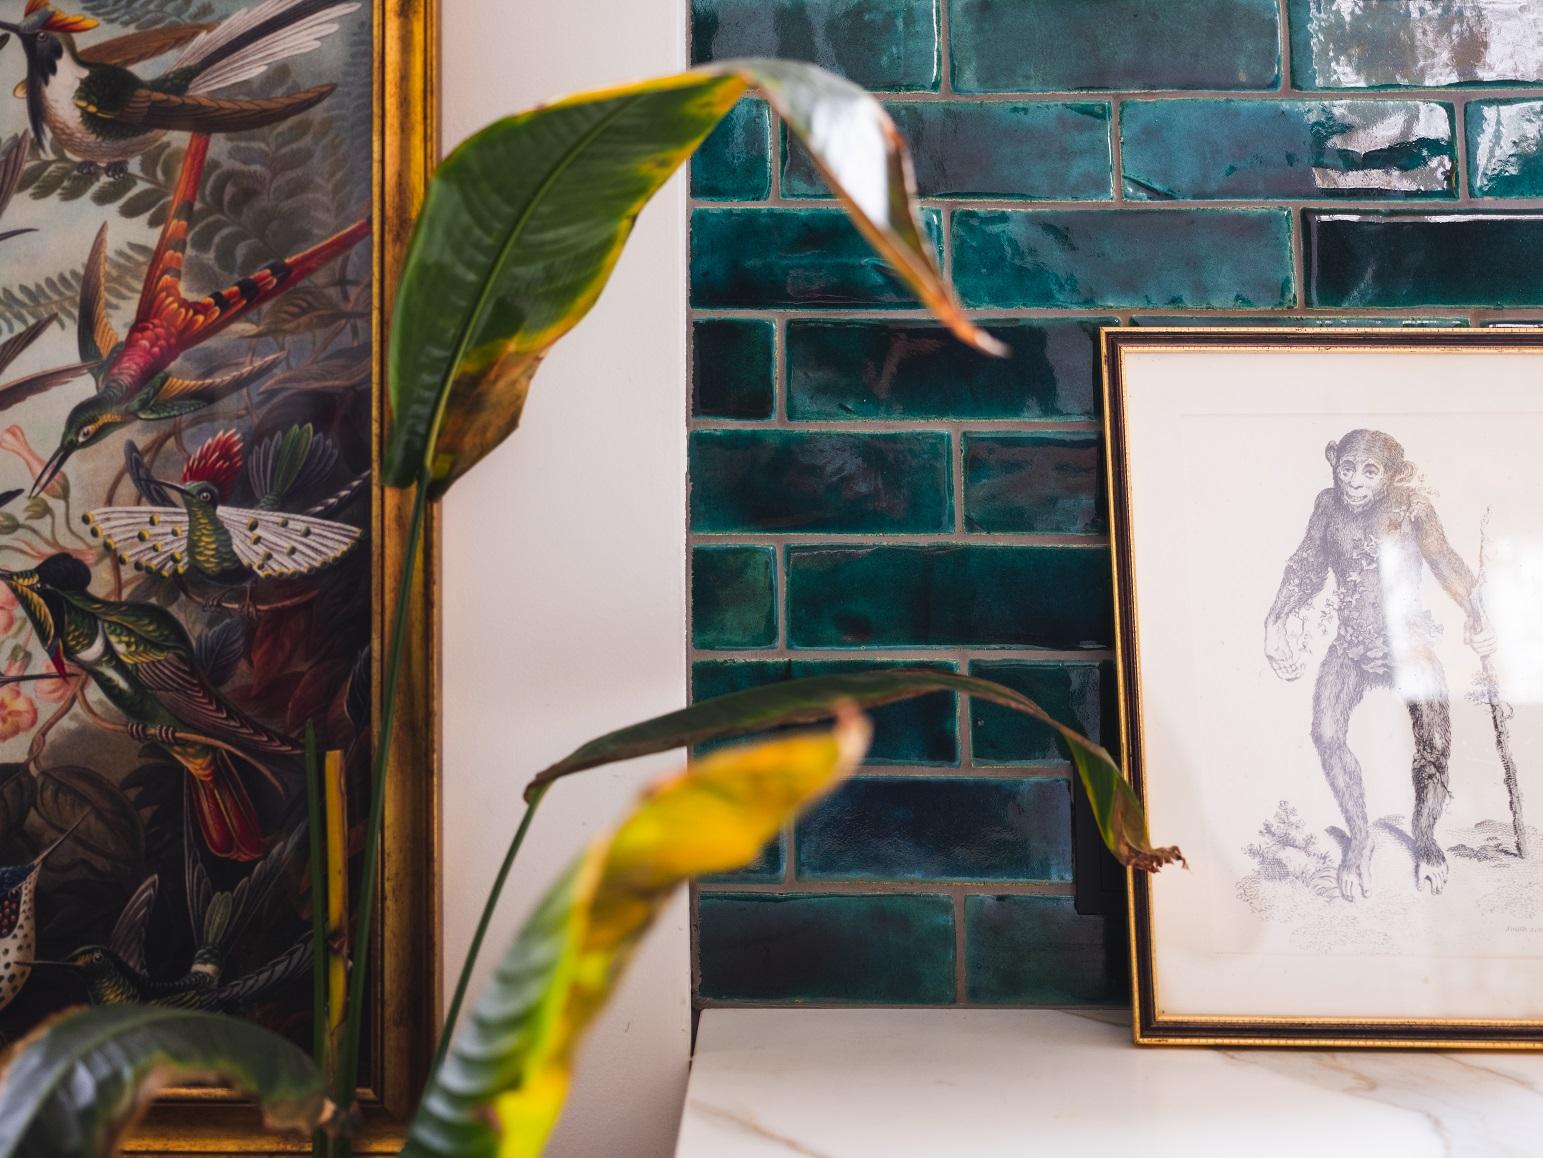 Szkliwione płytki imitujące cegiełkę w odcieniu intensywnej zieleni